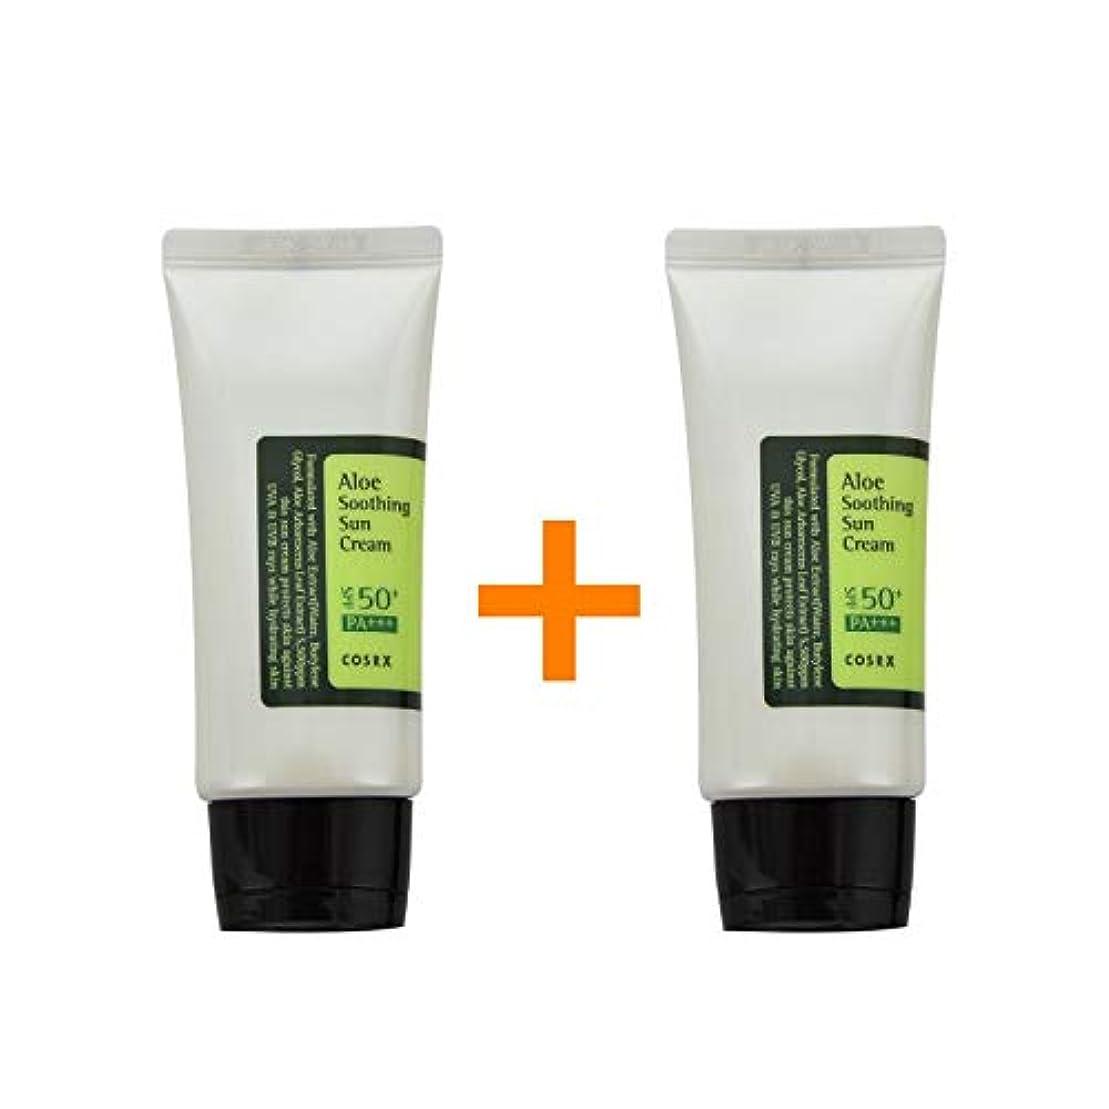 びっくり昇るマカダム[ 1 + 1 ] COSRX コースアールエックス アロエ スージング サンクリーム Aloe Soothing sun cream (50ml) SPF50+/PA+++ 韓国日焼け止め